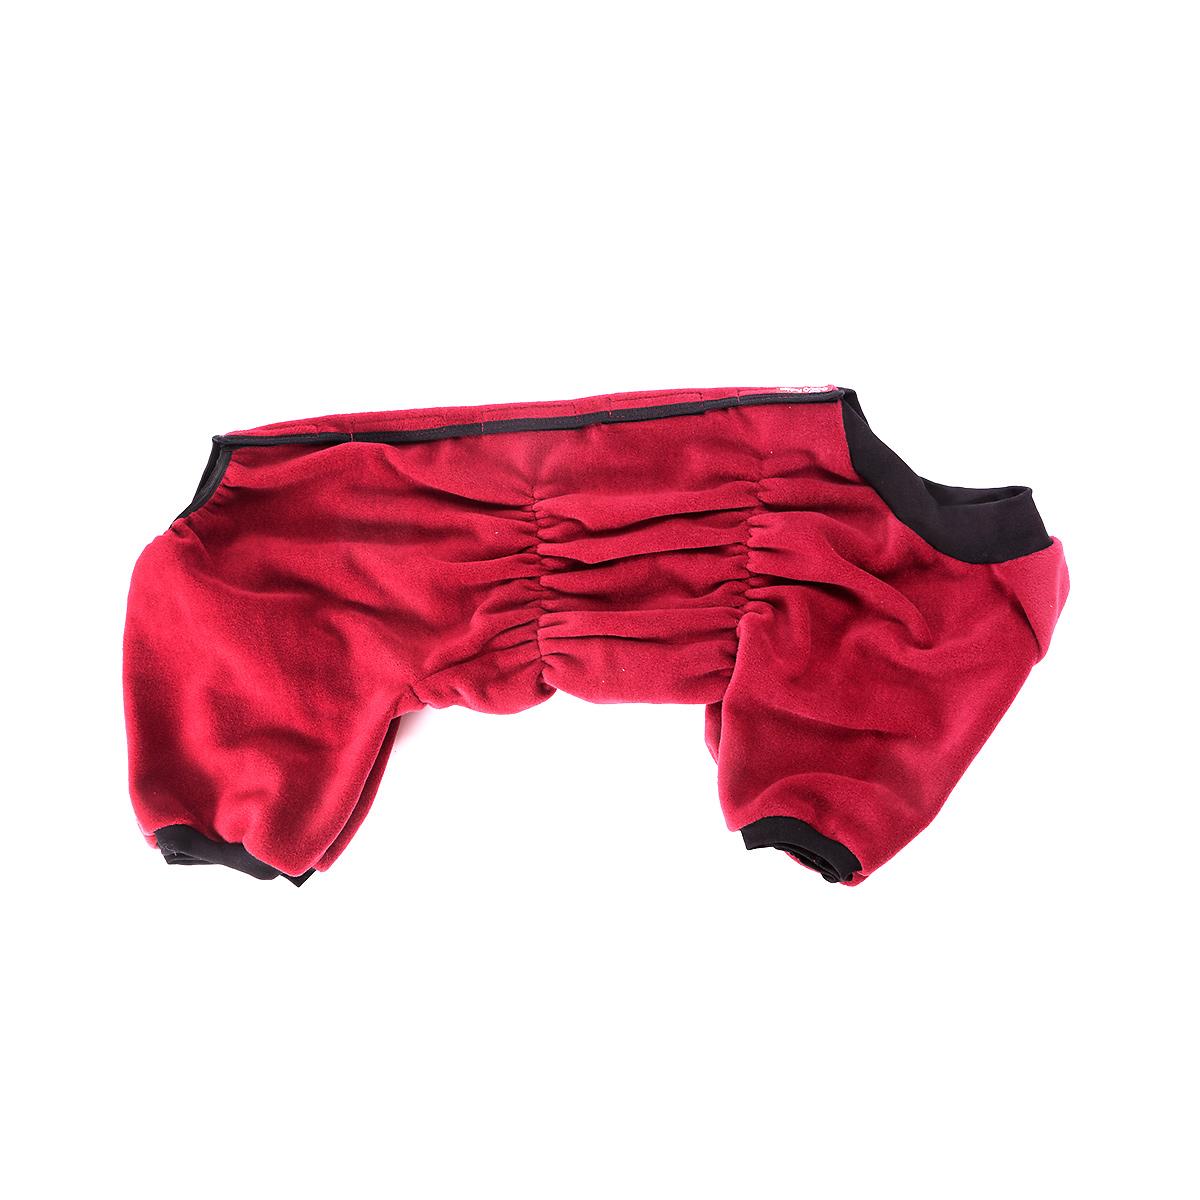 Комбинезон для собак OSSO Fashion, для девочки, цвет: бордовый. Размер 28 комбинезон для собак osso fashion для мальчика цвет черный размер 55